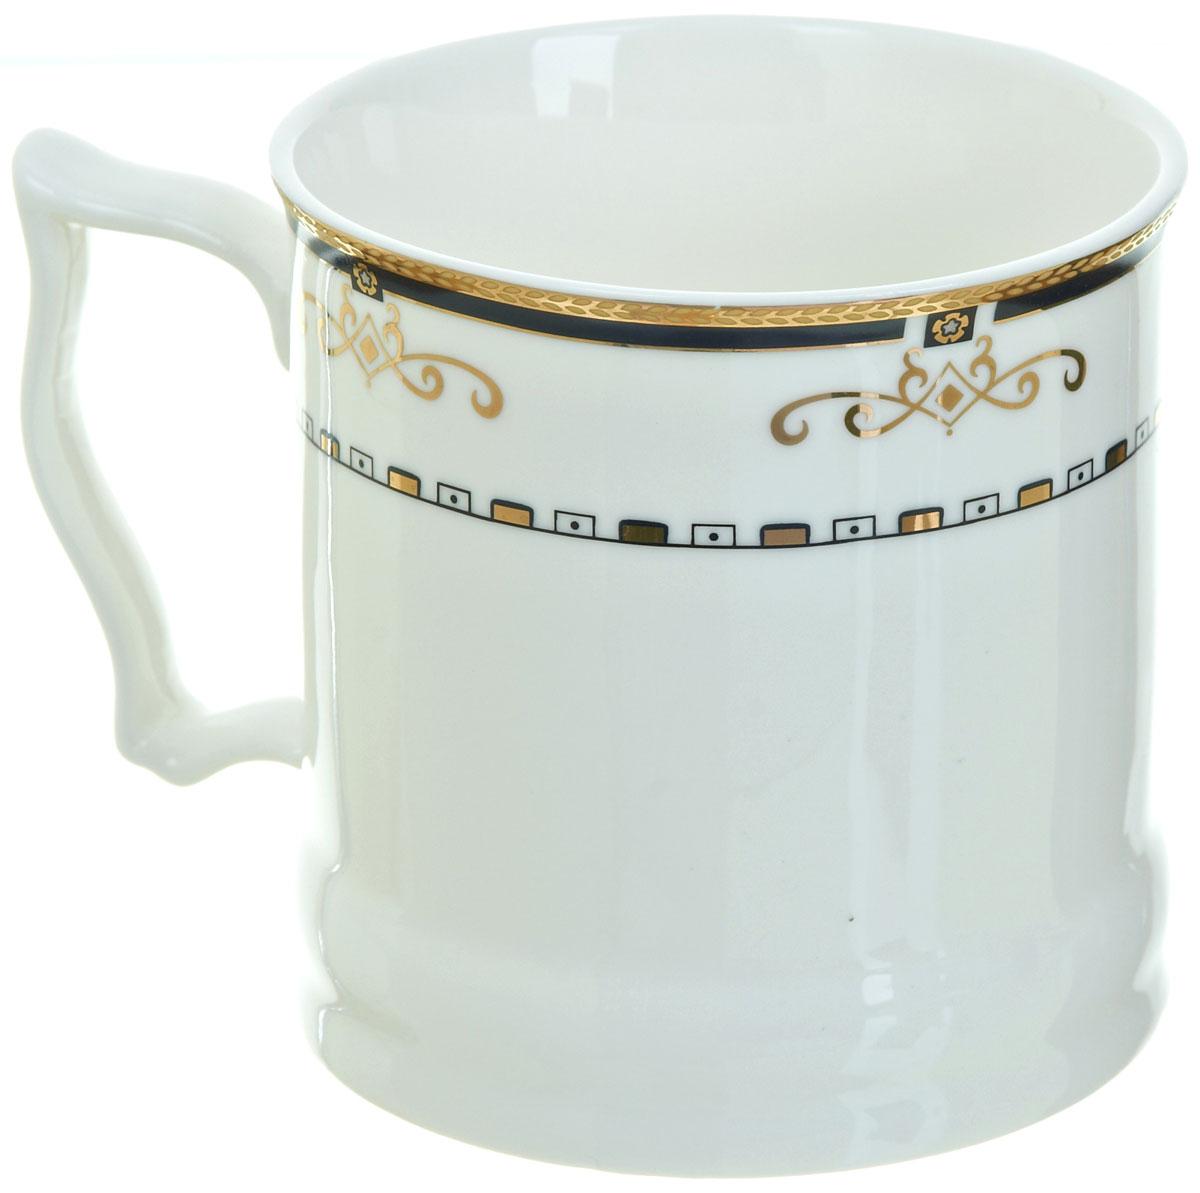 Кружка BHP Королевская кружка, 500 мл. M1870005M1870005Оригинальная кружка Best Home Porcelain, выполненная из высококачественного фарфора, сочетает в себе простой, утонченный дизайн с максимальной функциональностью. Оригинальность оформления придутся по вкусу тем, кто ценит индивидуальность. В комплект входит кружка. Можно использовать в ПММ.